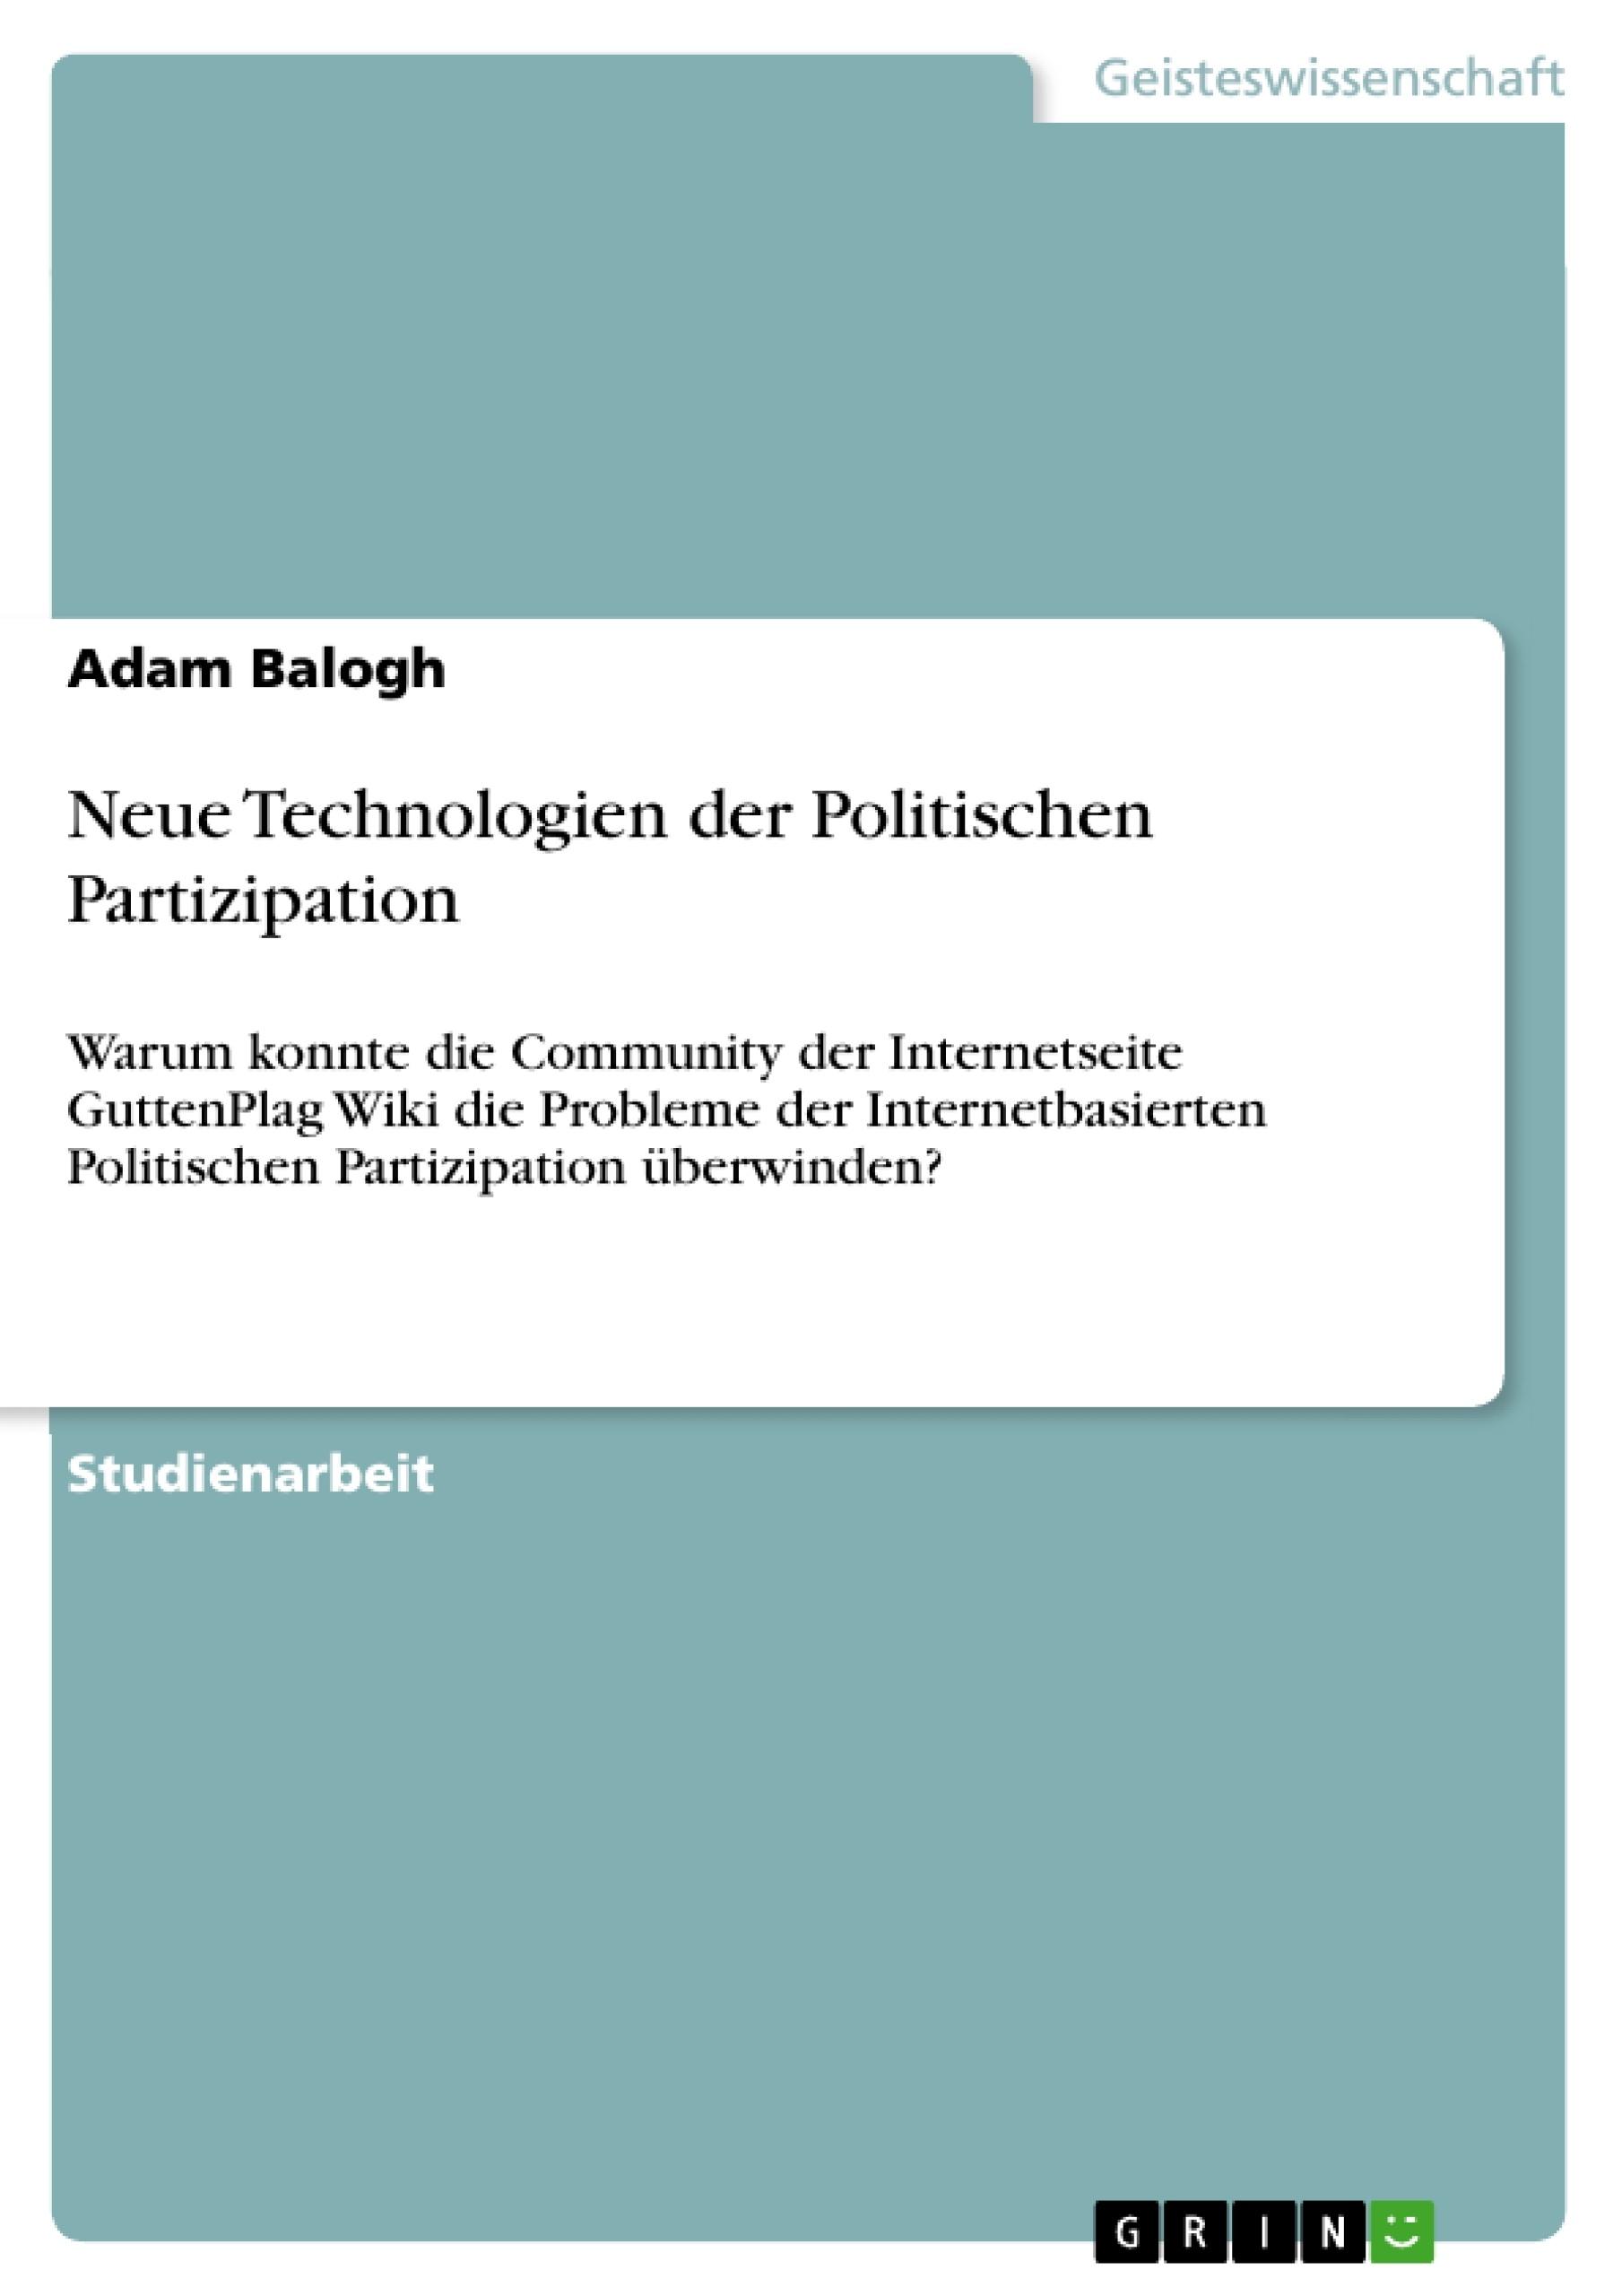 Titel: Neue Technologien der Politischen Partizipation